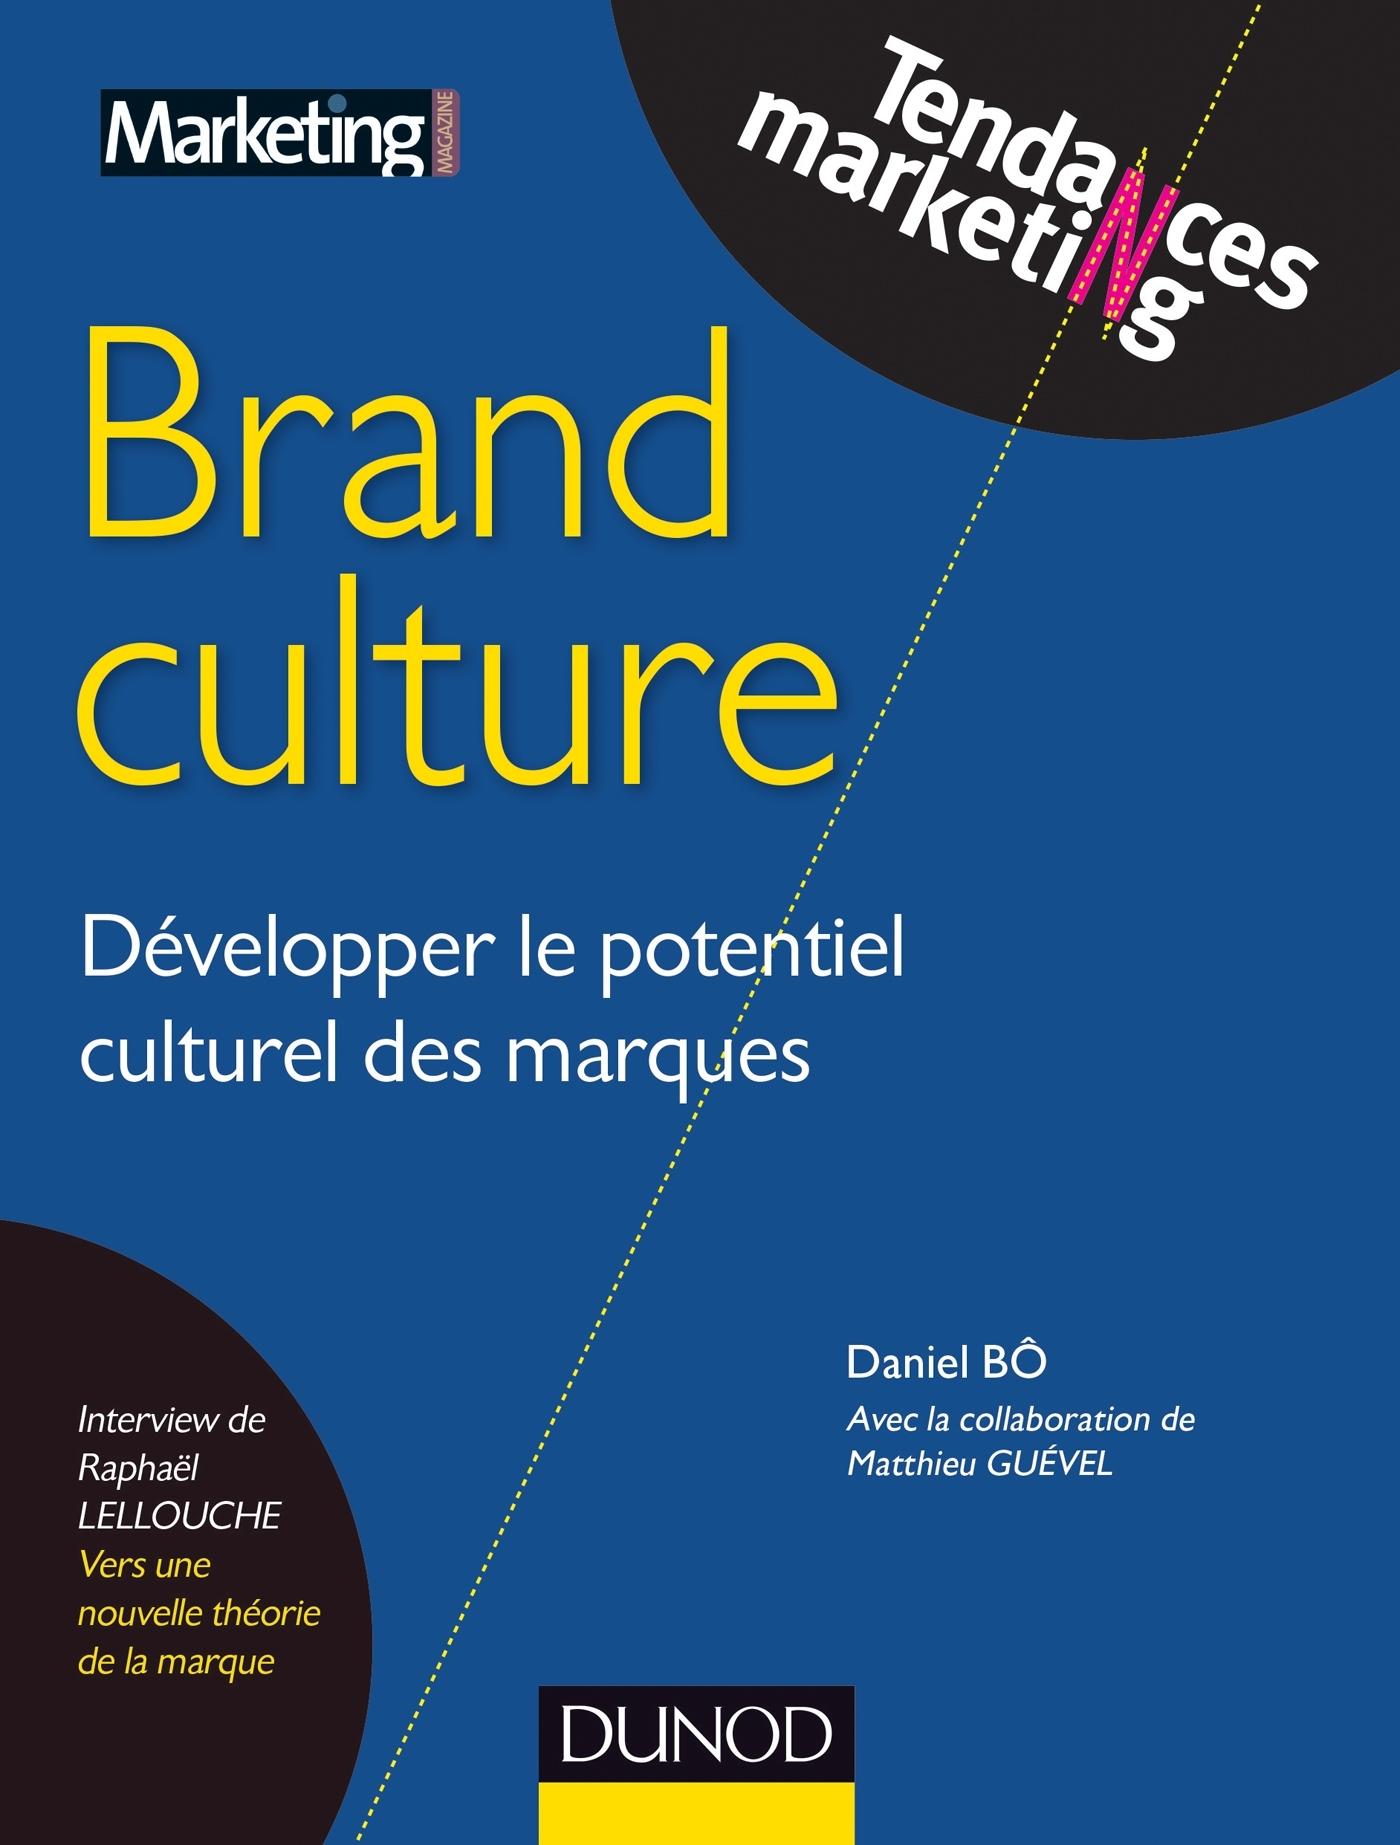 BRAND CULTURE - DEVELOPPER LE POTENTIEL CULTUREL DES MARQUES - HUB AWARDS 2013